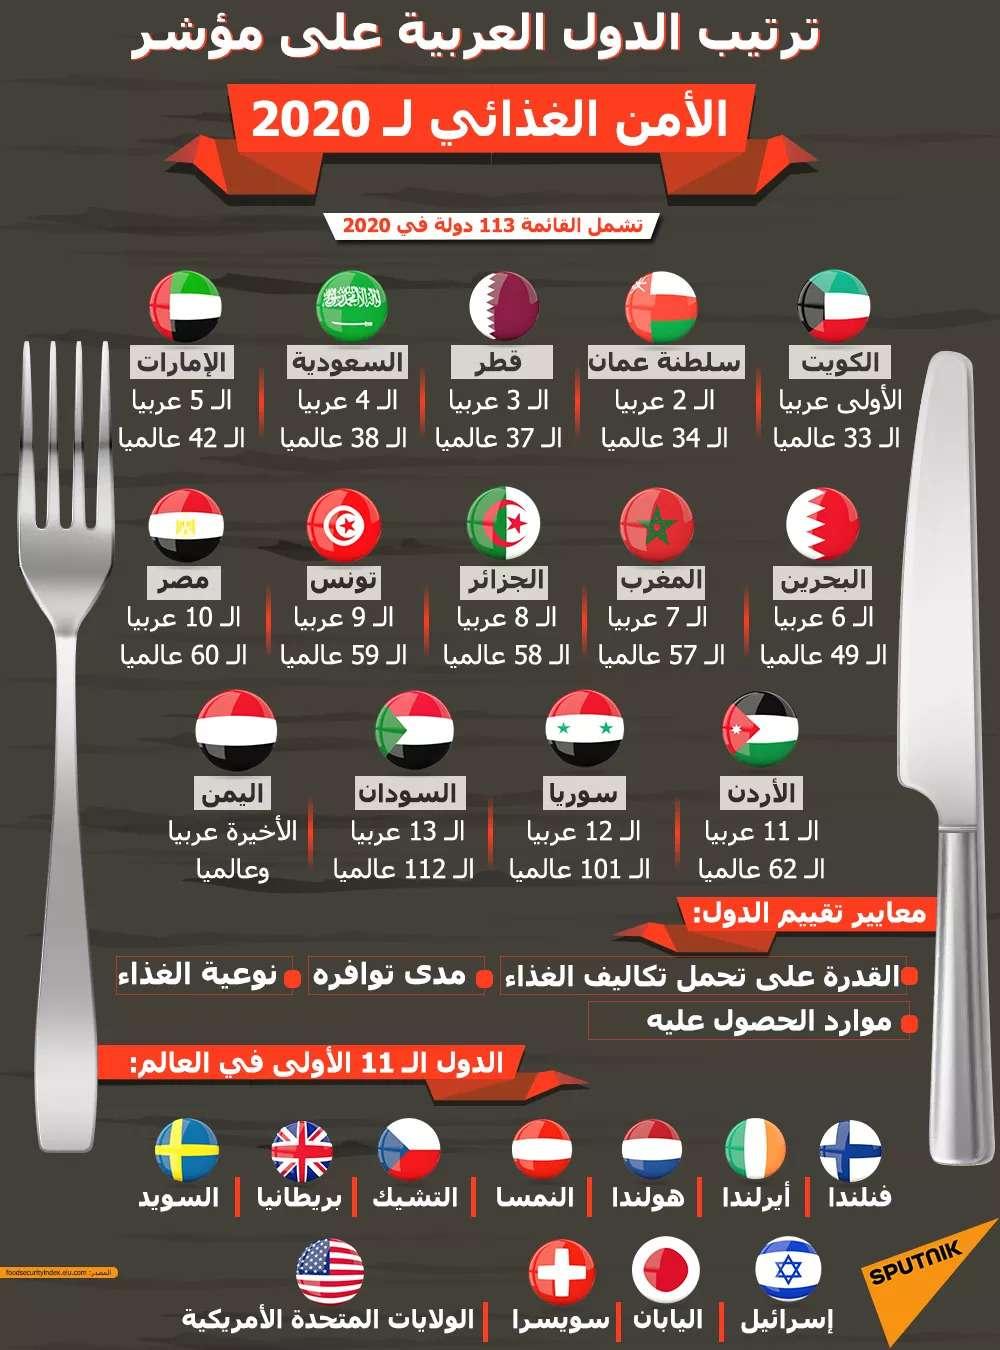 مصر العاشر عربيا على مؤشر الأمن الغذائي: لكن منتج محلي وبسعر رخيص